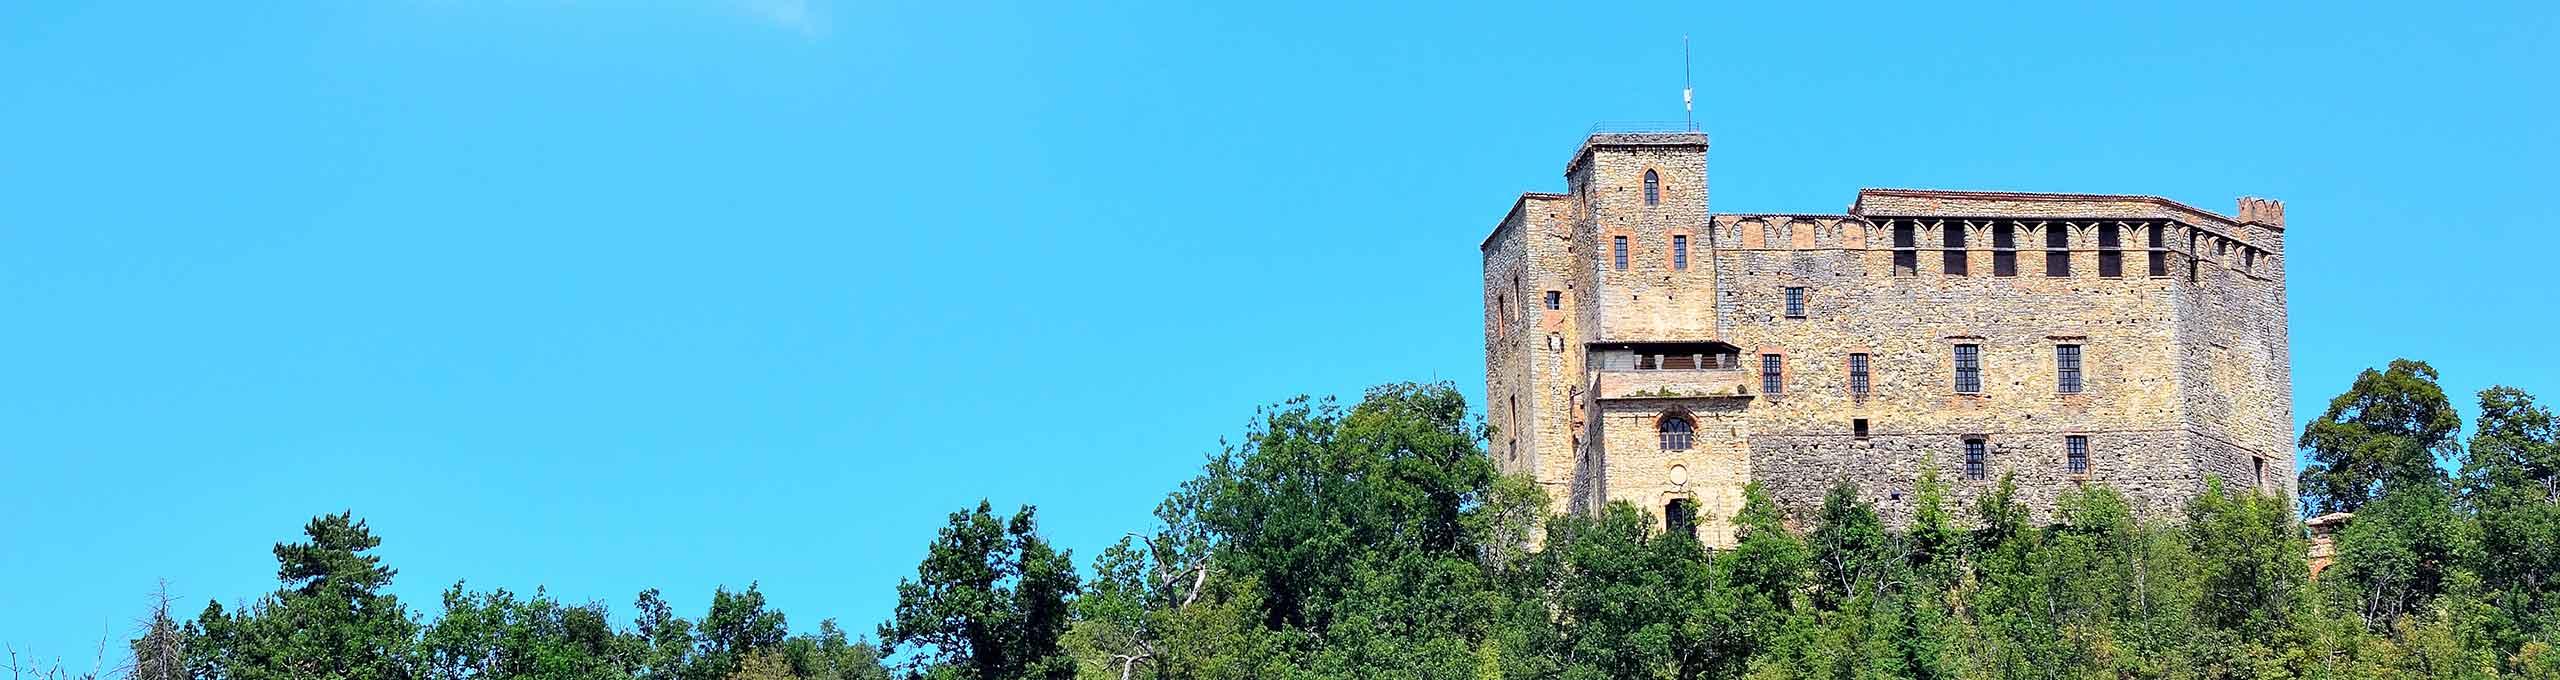 Zavattarello,  Oltrepò Pavese, Castello del Verme